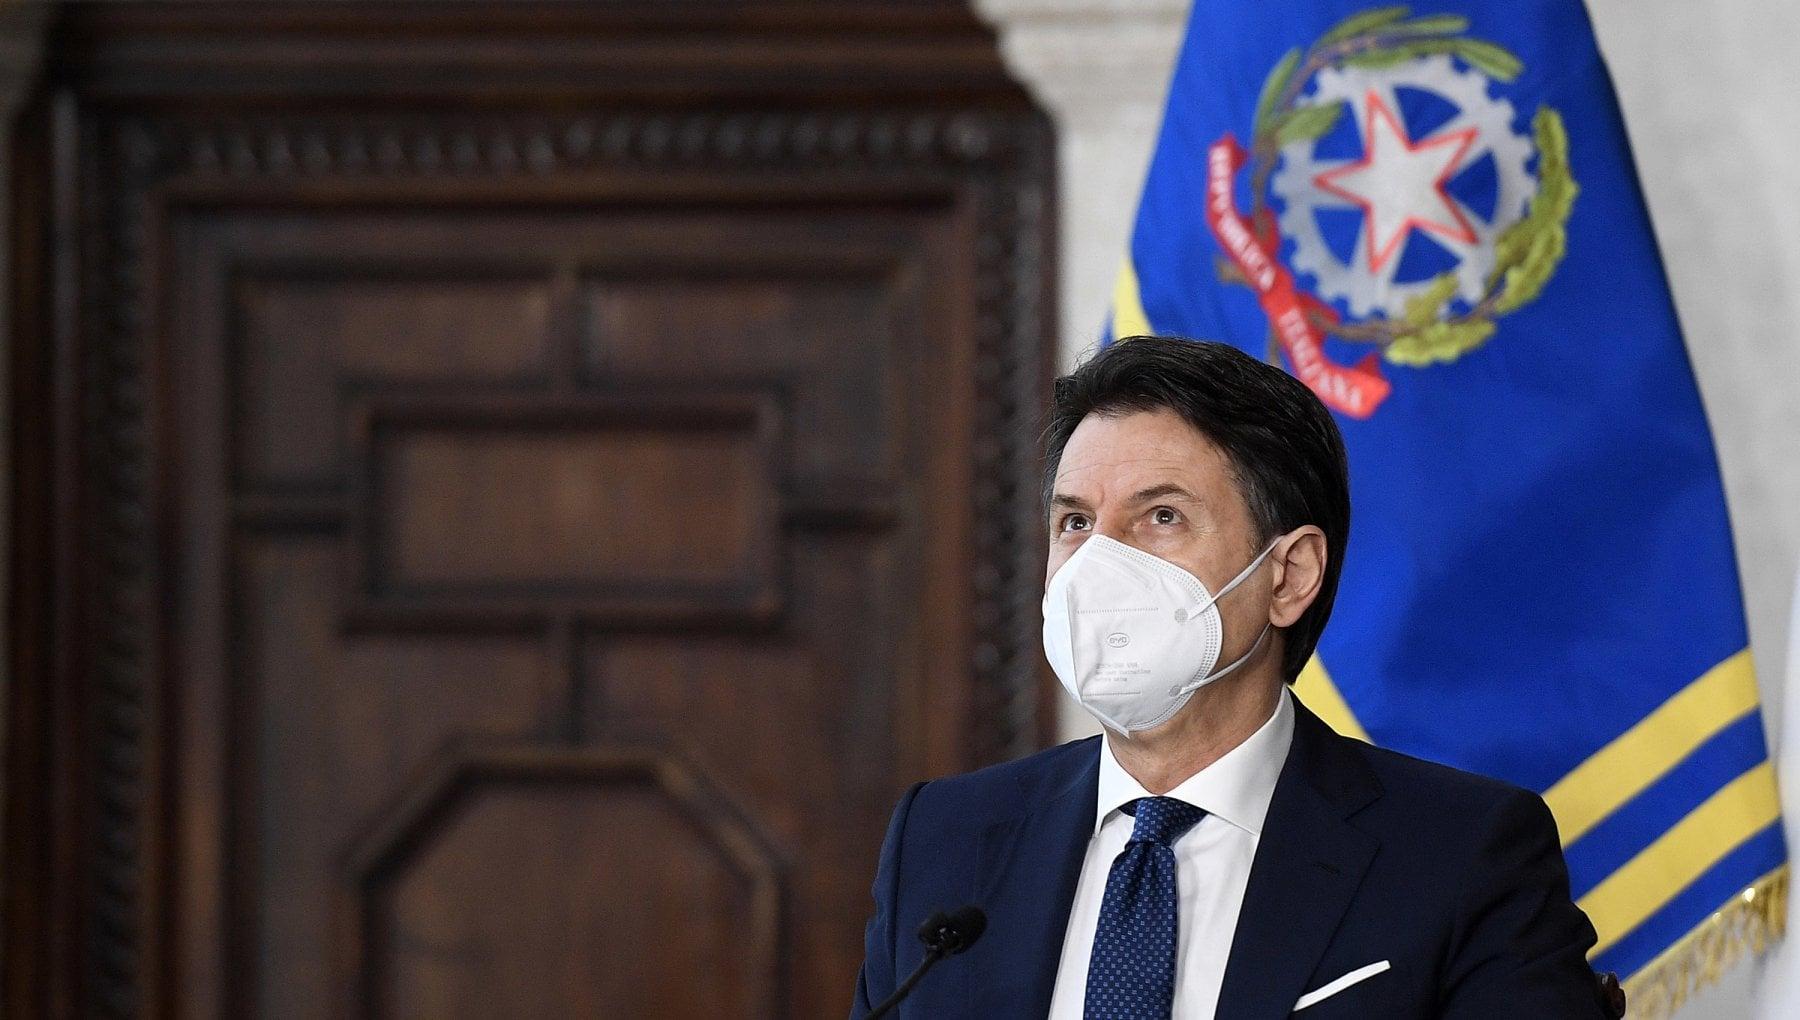 Conte agli italiani Abbiamo affrontato un anno difficilissimo. Ora riprendiamoci le nostre vite